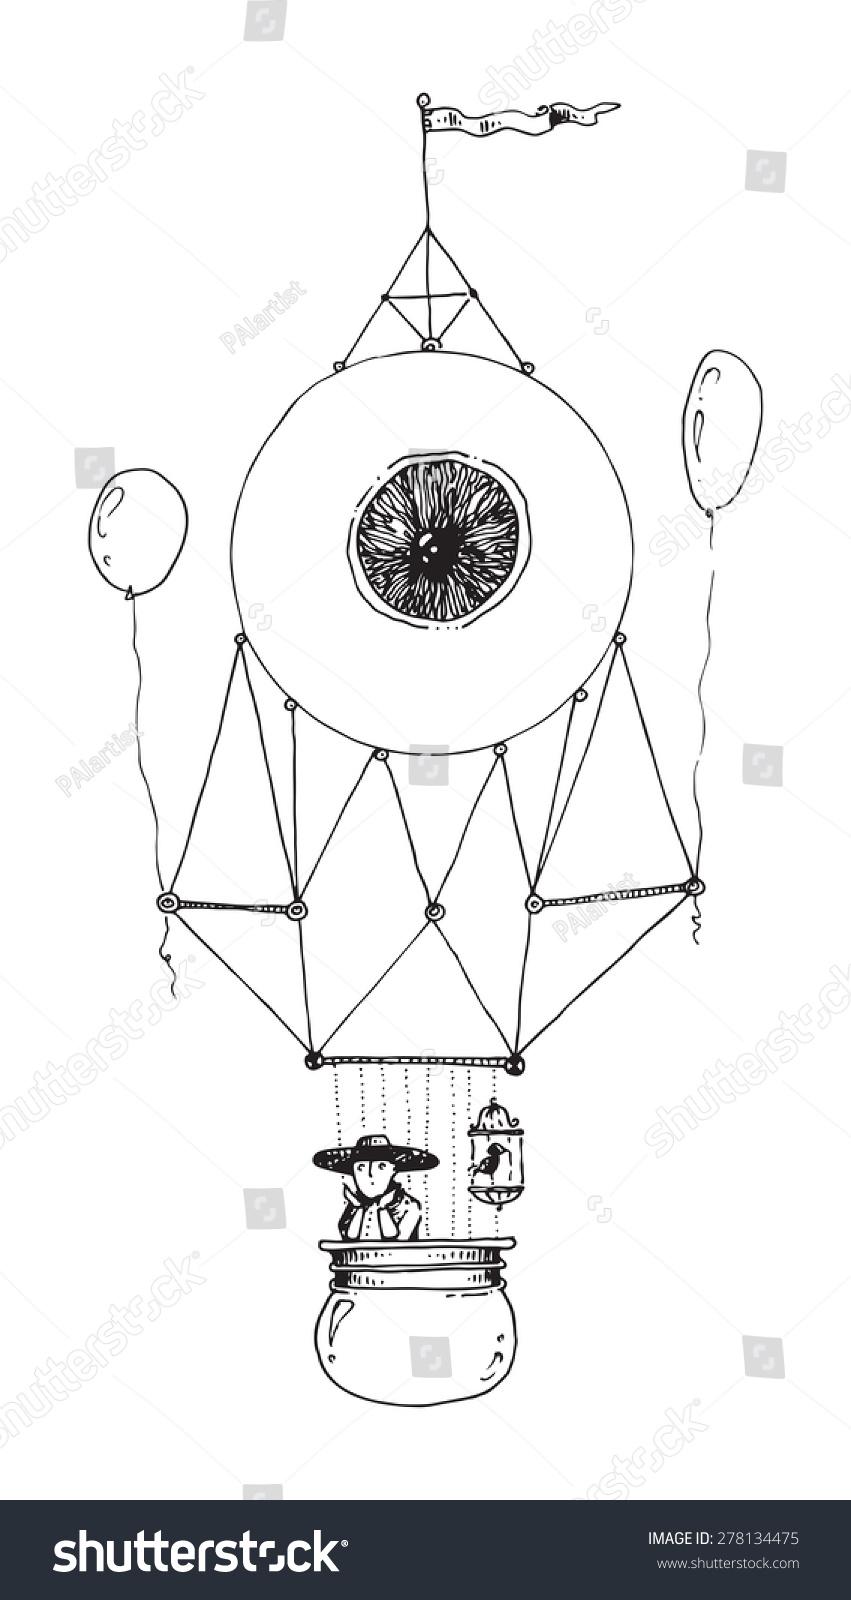 插图飞行器眼睛热气球的人发动机舱的鸟笼-其它